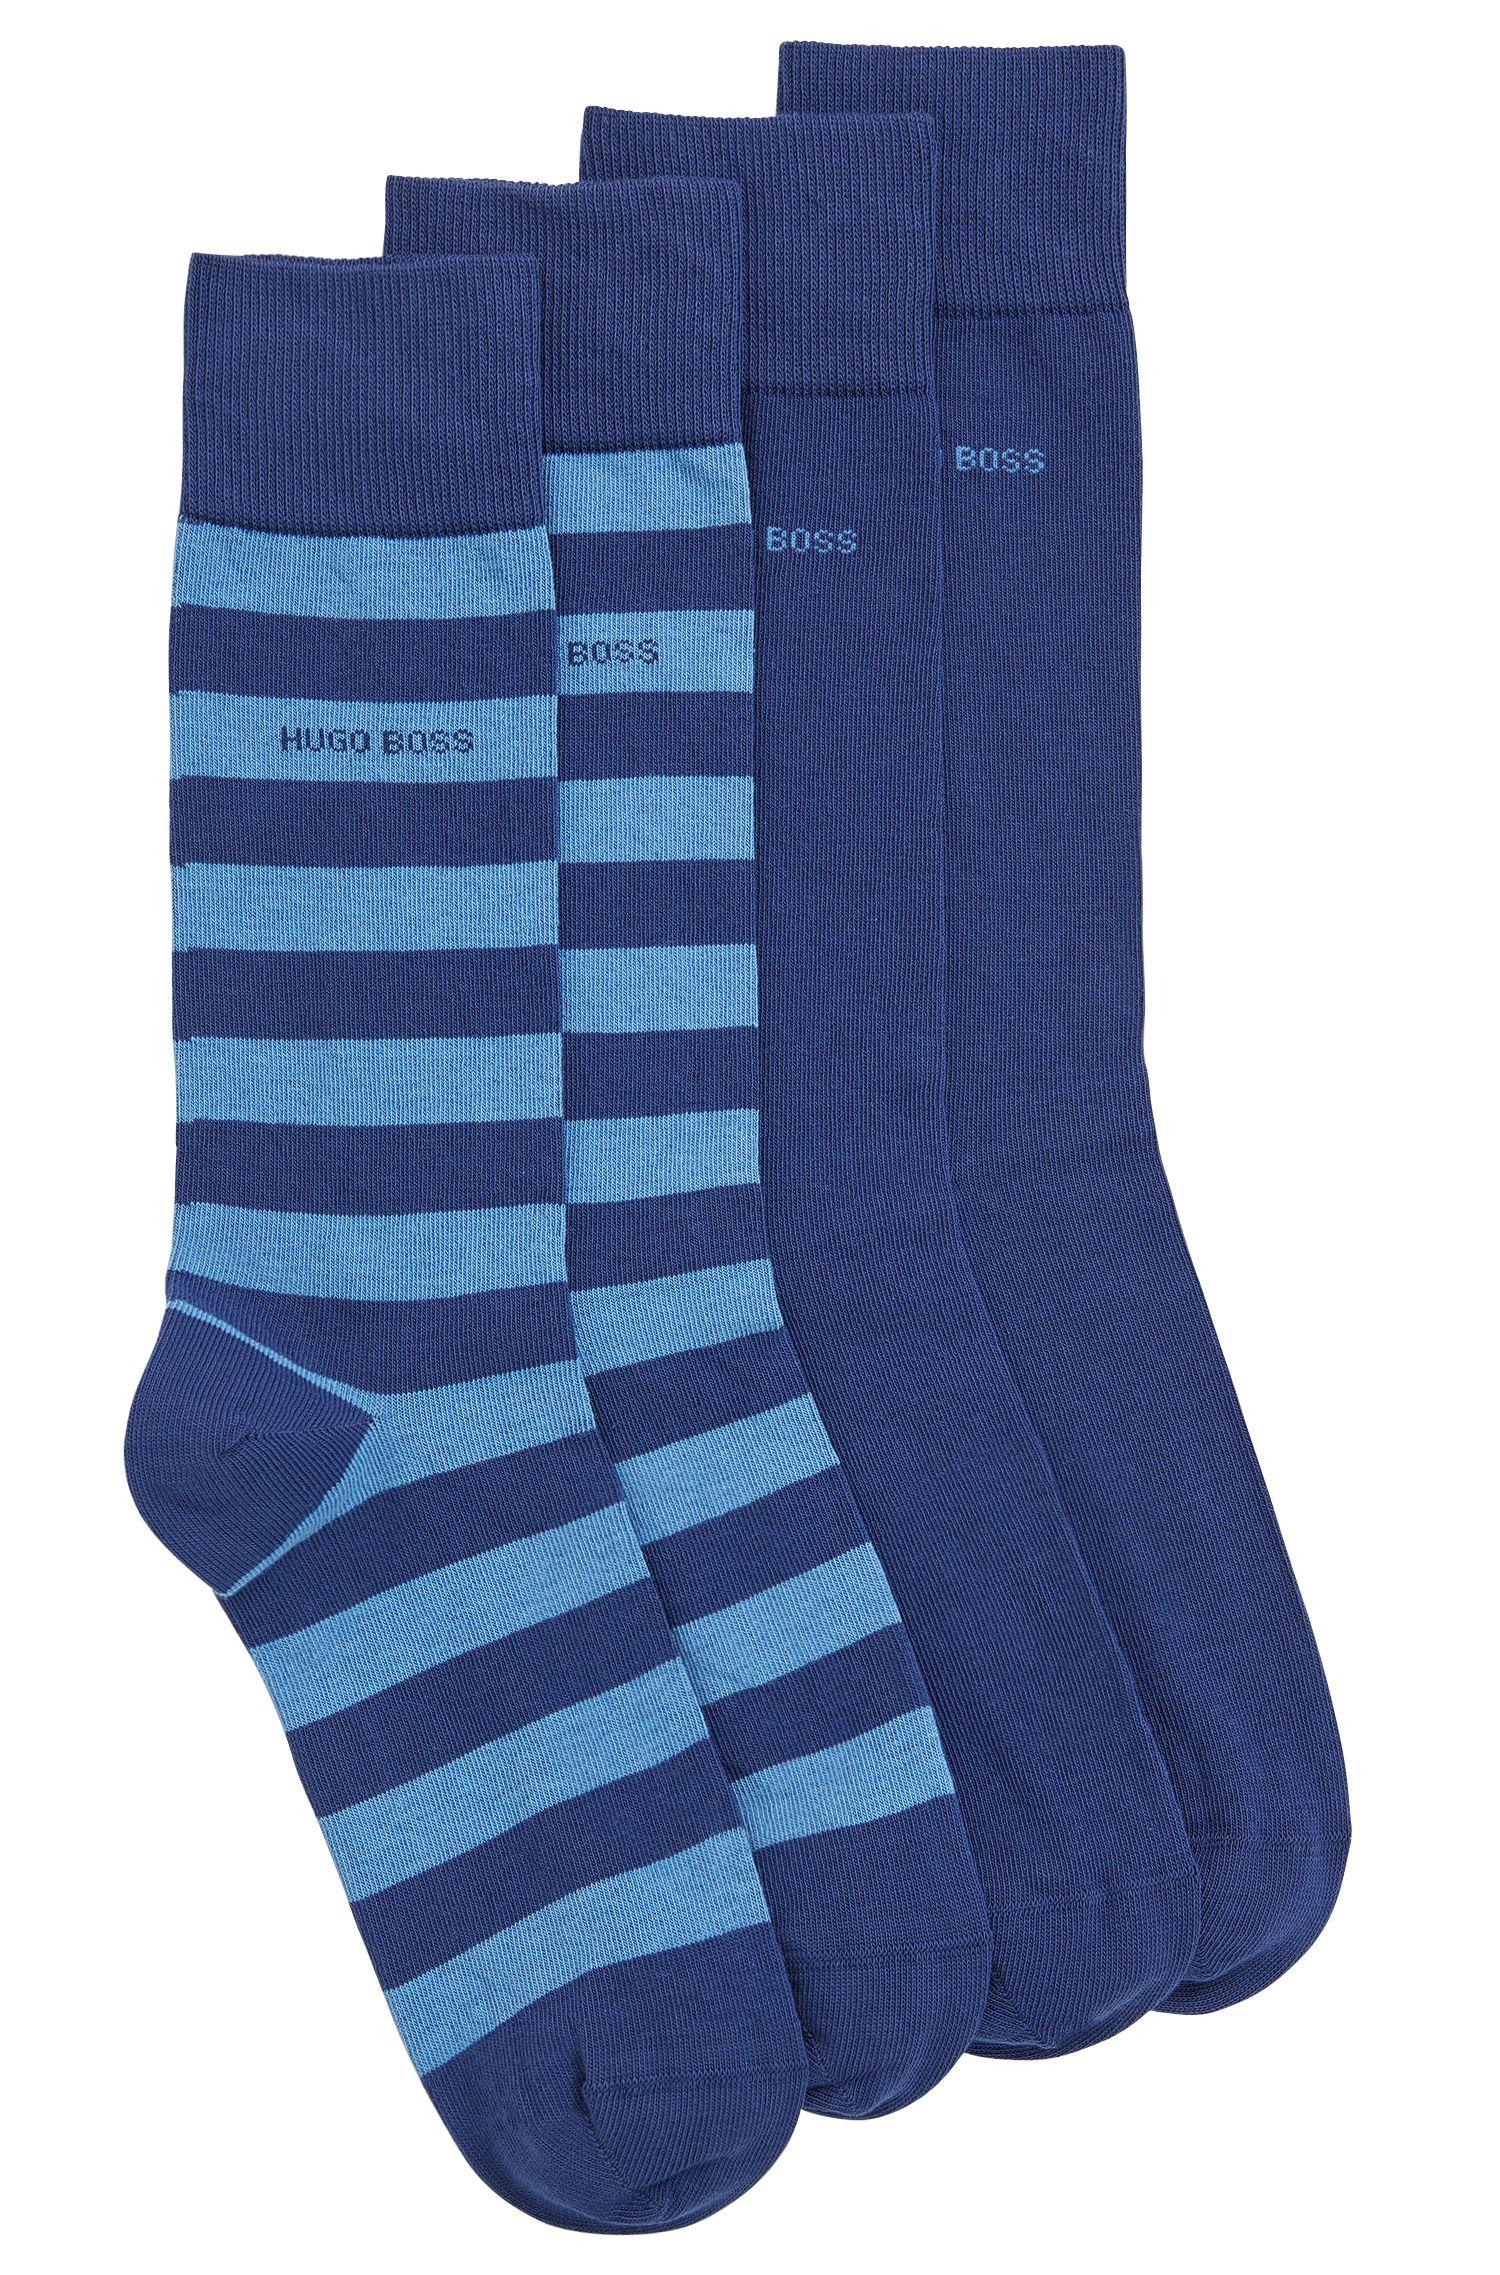 Set van twee paar sokken, van een gekamde katoenmix met een normale lengte